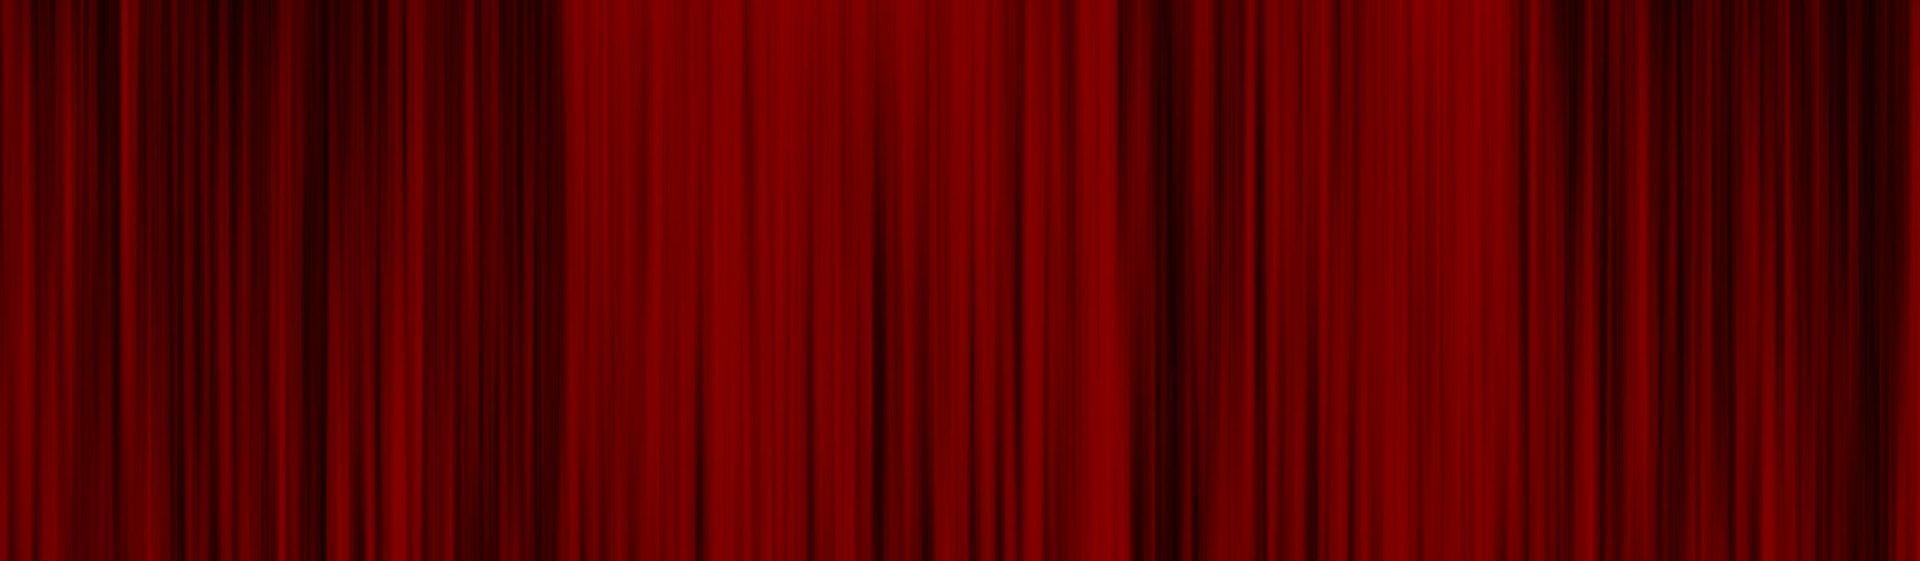 Theaterticket